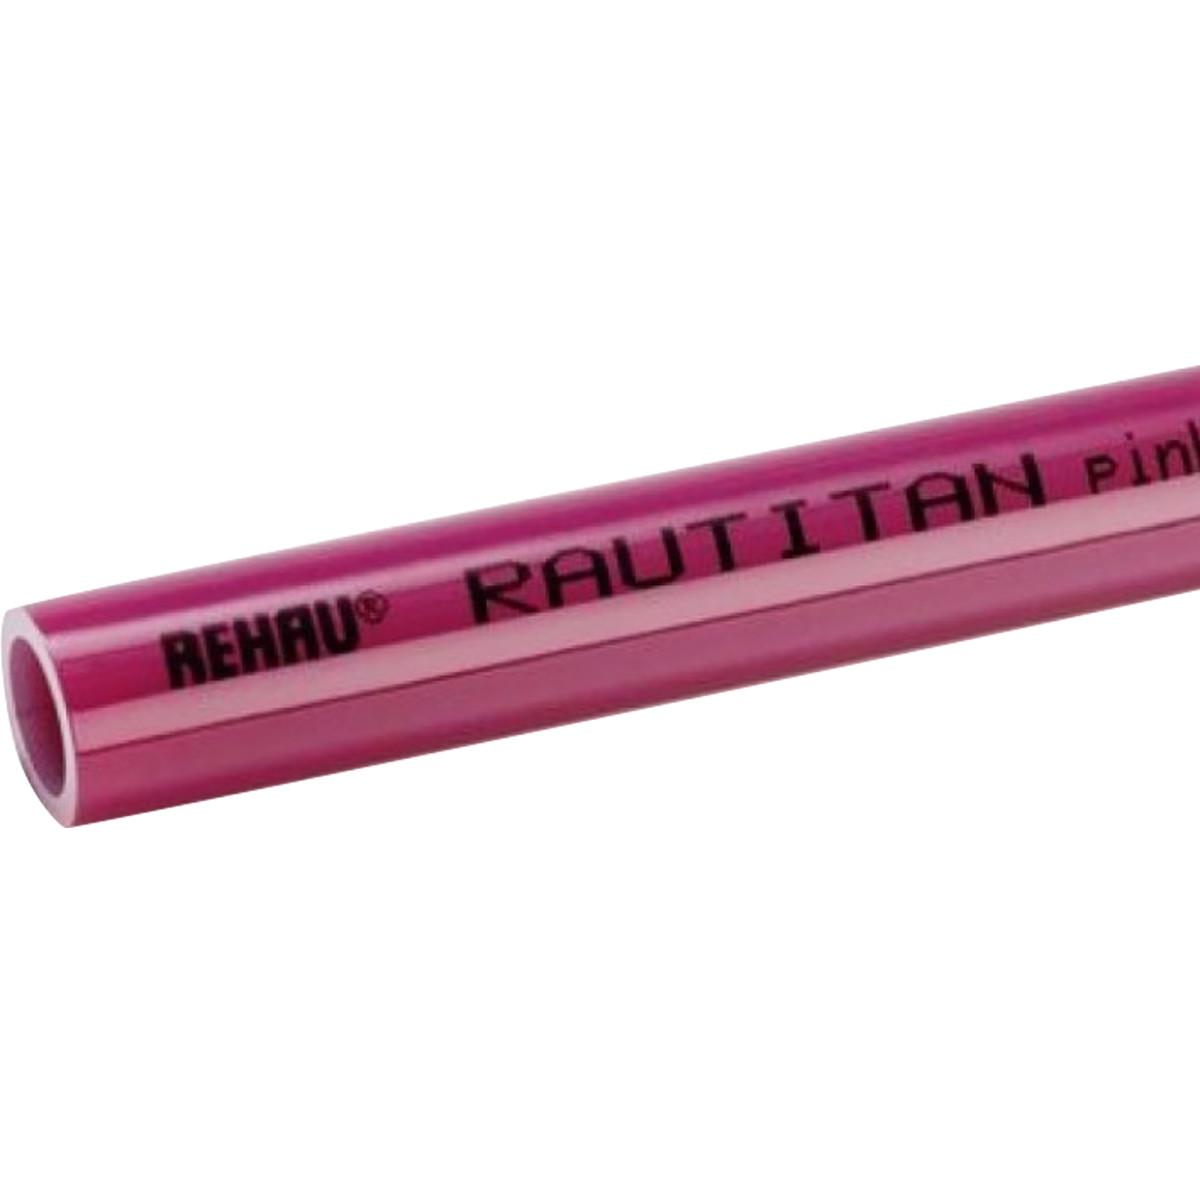 Труба Rehau Rautitan Pink для отопления и теплого пола Ø32х4.4 мм 1м 11360721050